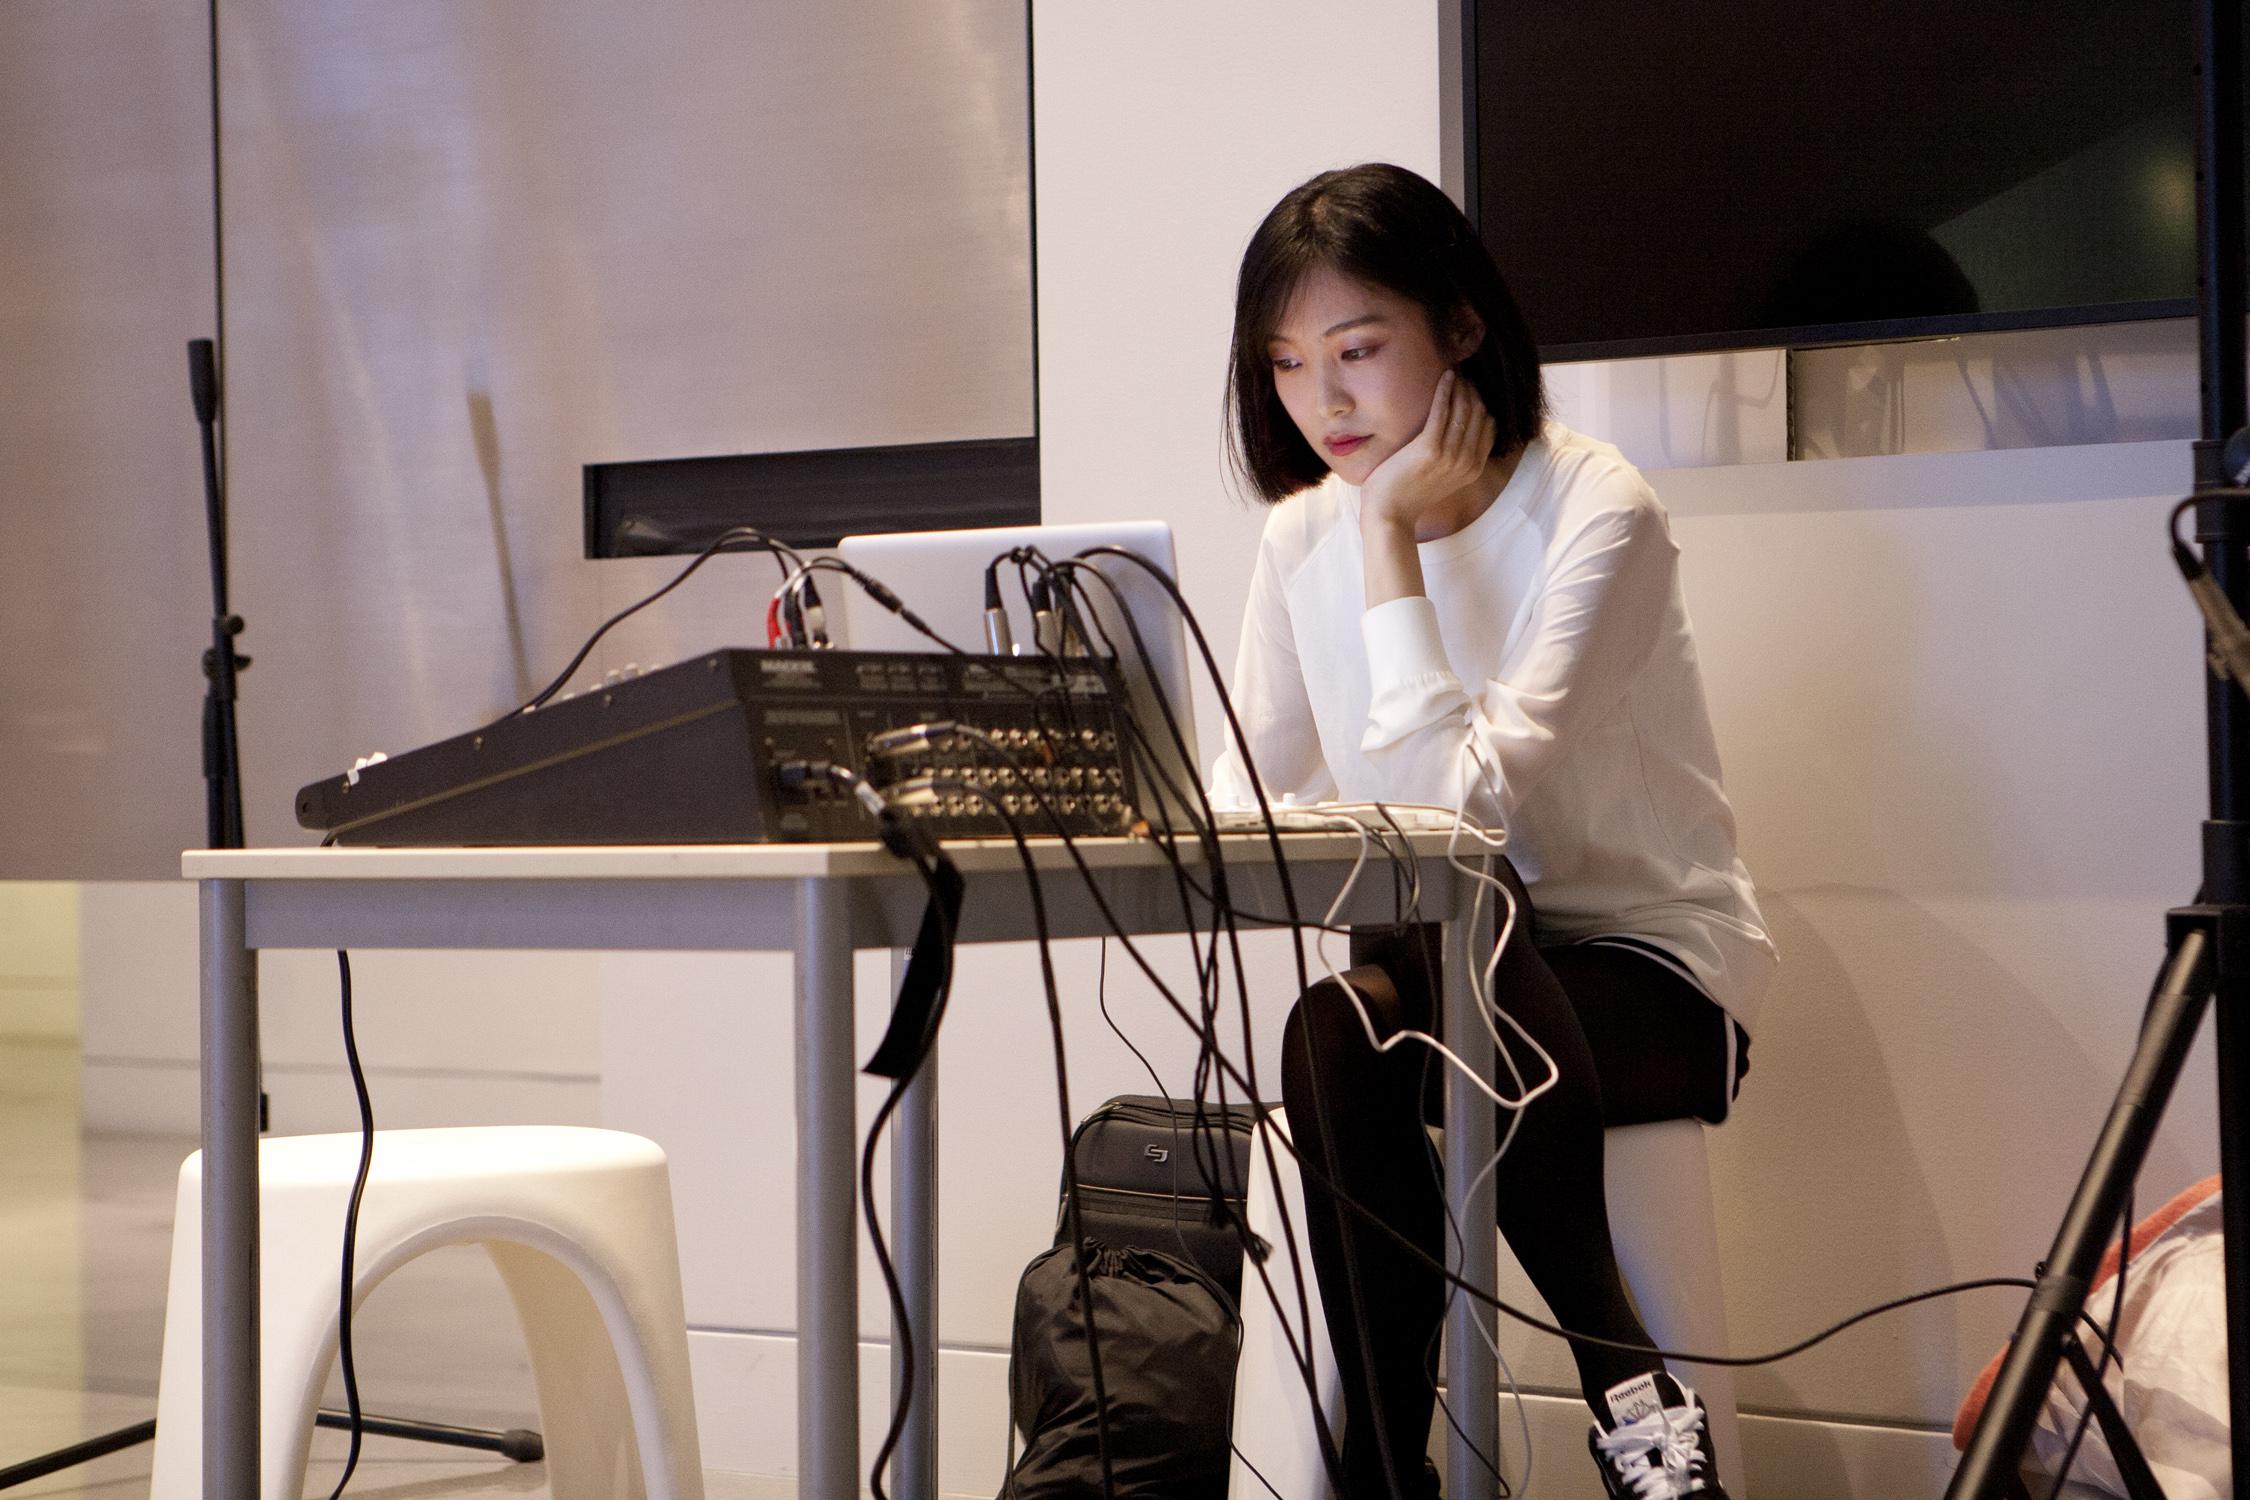 Heejin's performance